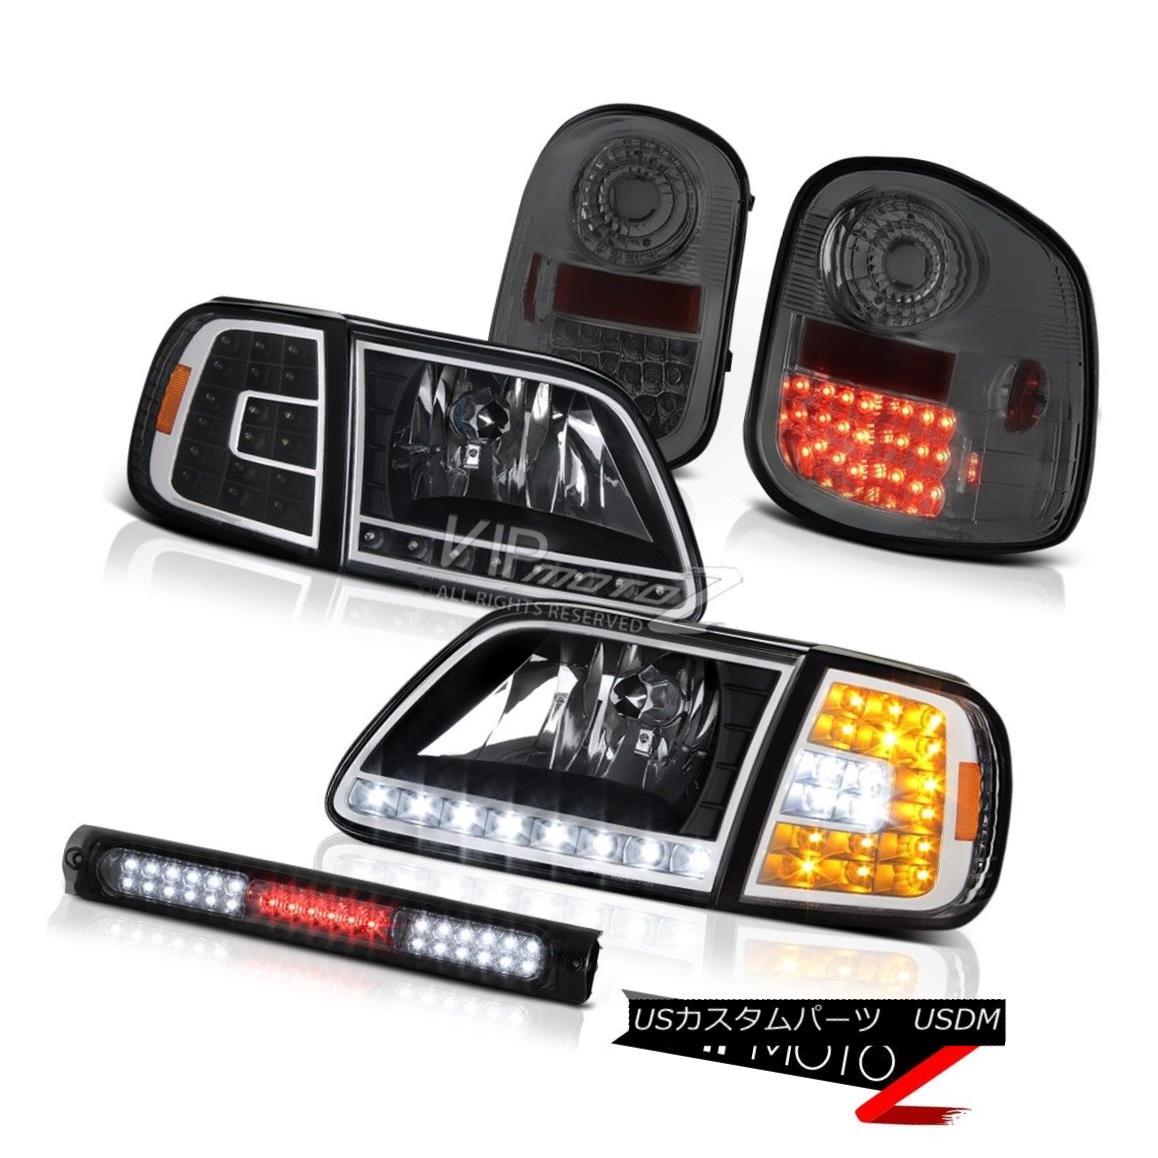 テールライト DRL Bumper+Headlamps L.E.D Tail Lights Smoke High Stop LED 1997-2003 F150 XLT DRLバンパー+ヘッドラム ps L.E.DテールライトスモークハイストップLED 1997-2003 F150 XLT